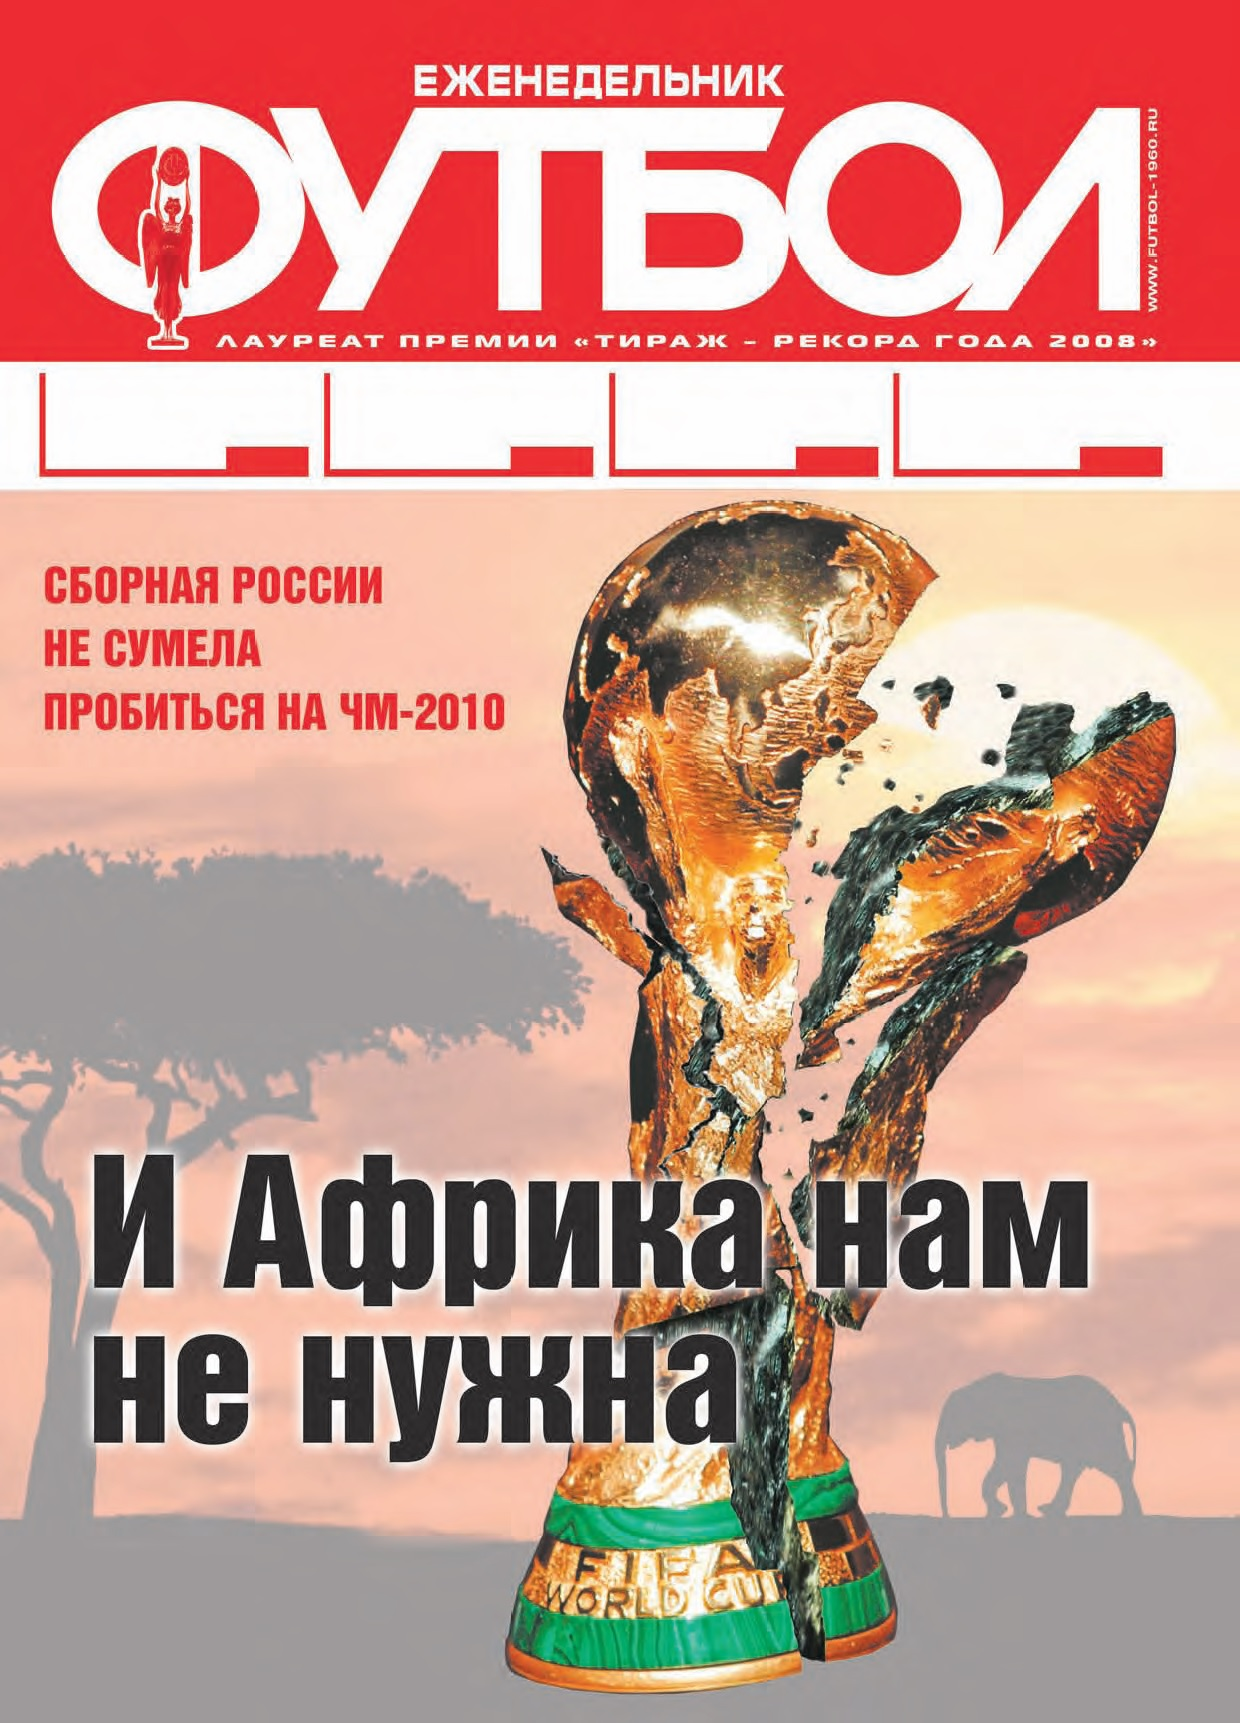 Марибор, «Рубин» – двукратный чемпион, смерть «Торпедо». 2009 год в обложках еженедельника «Футбол»